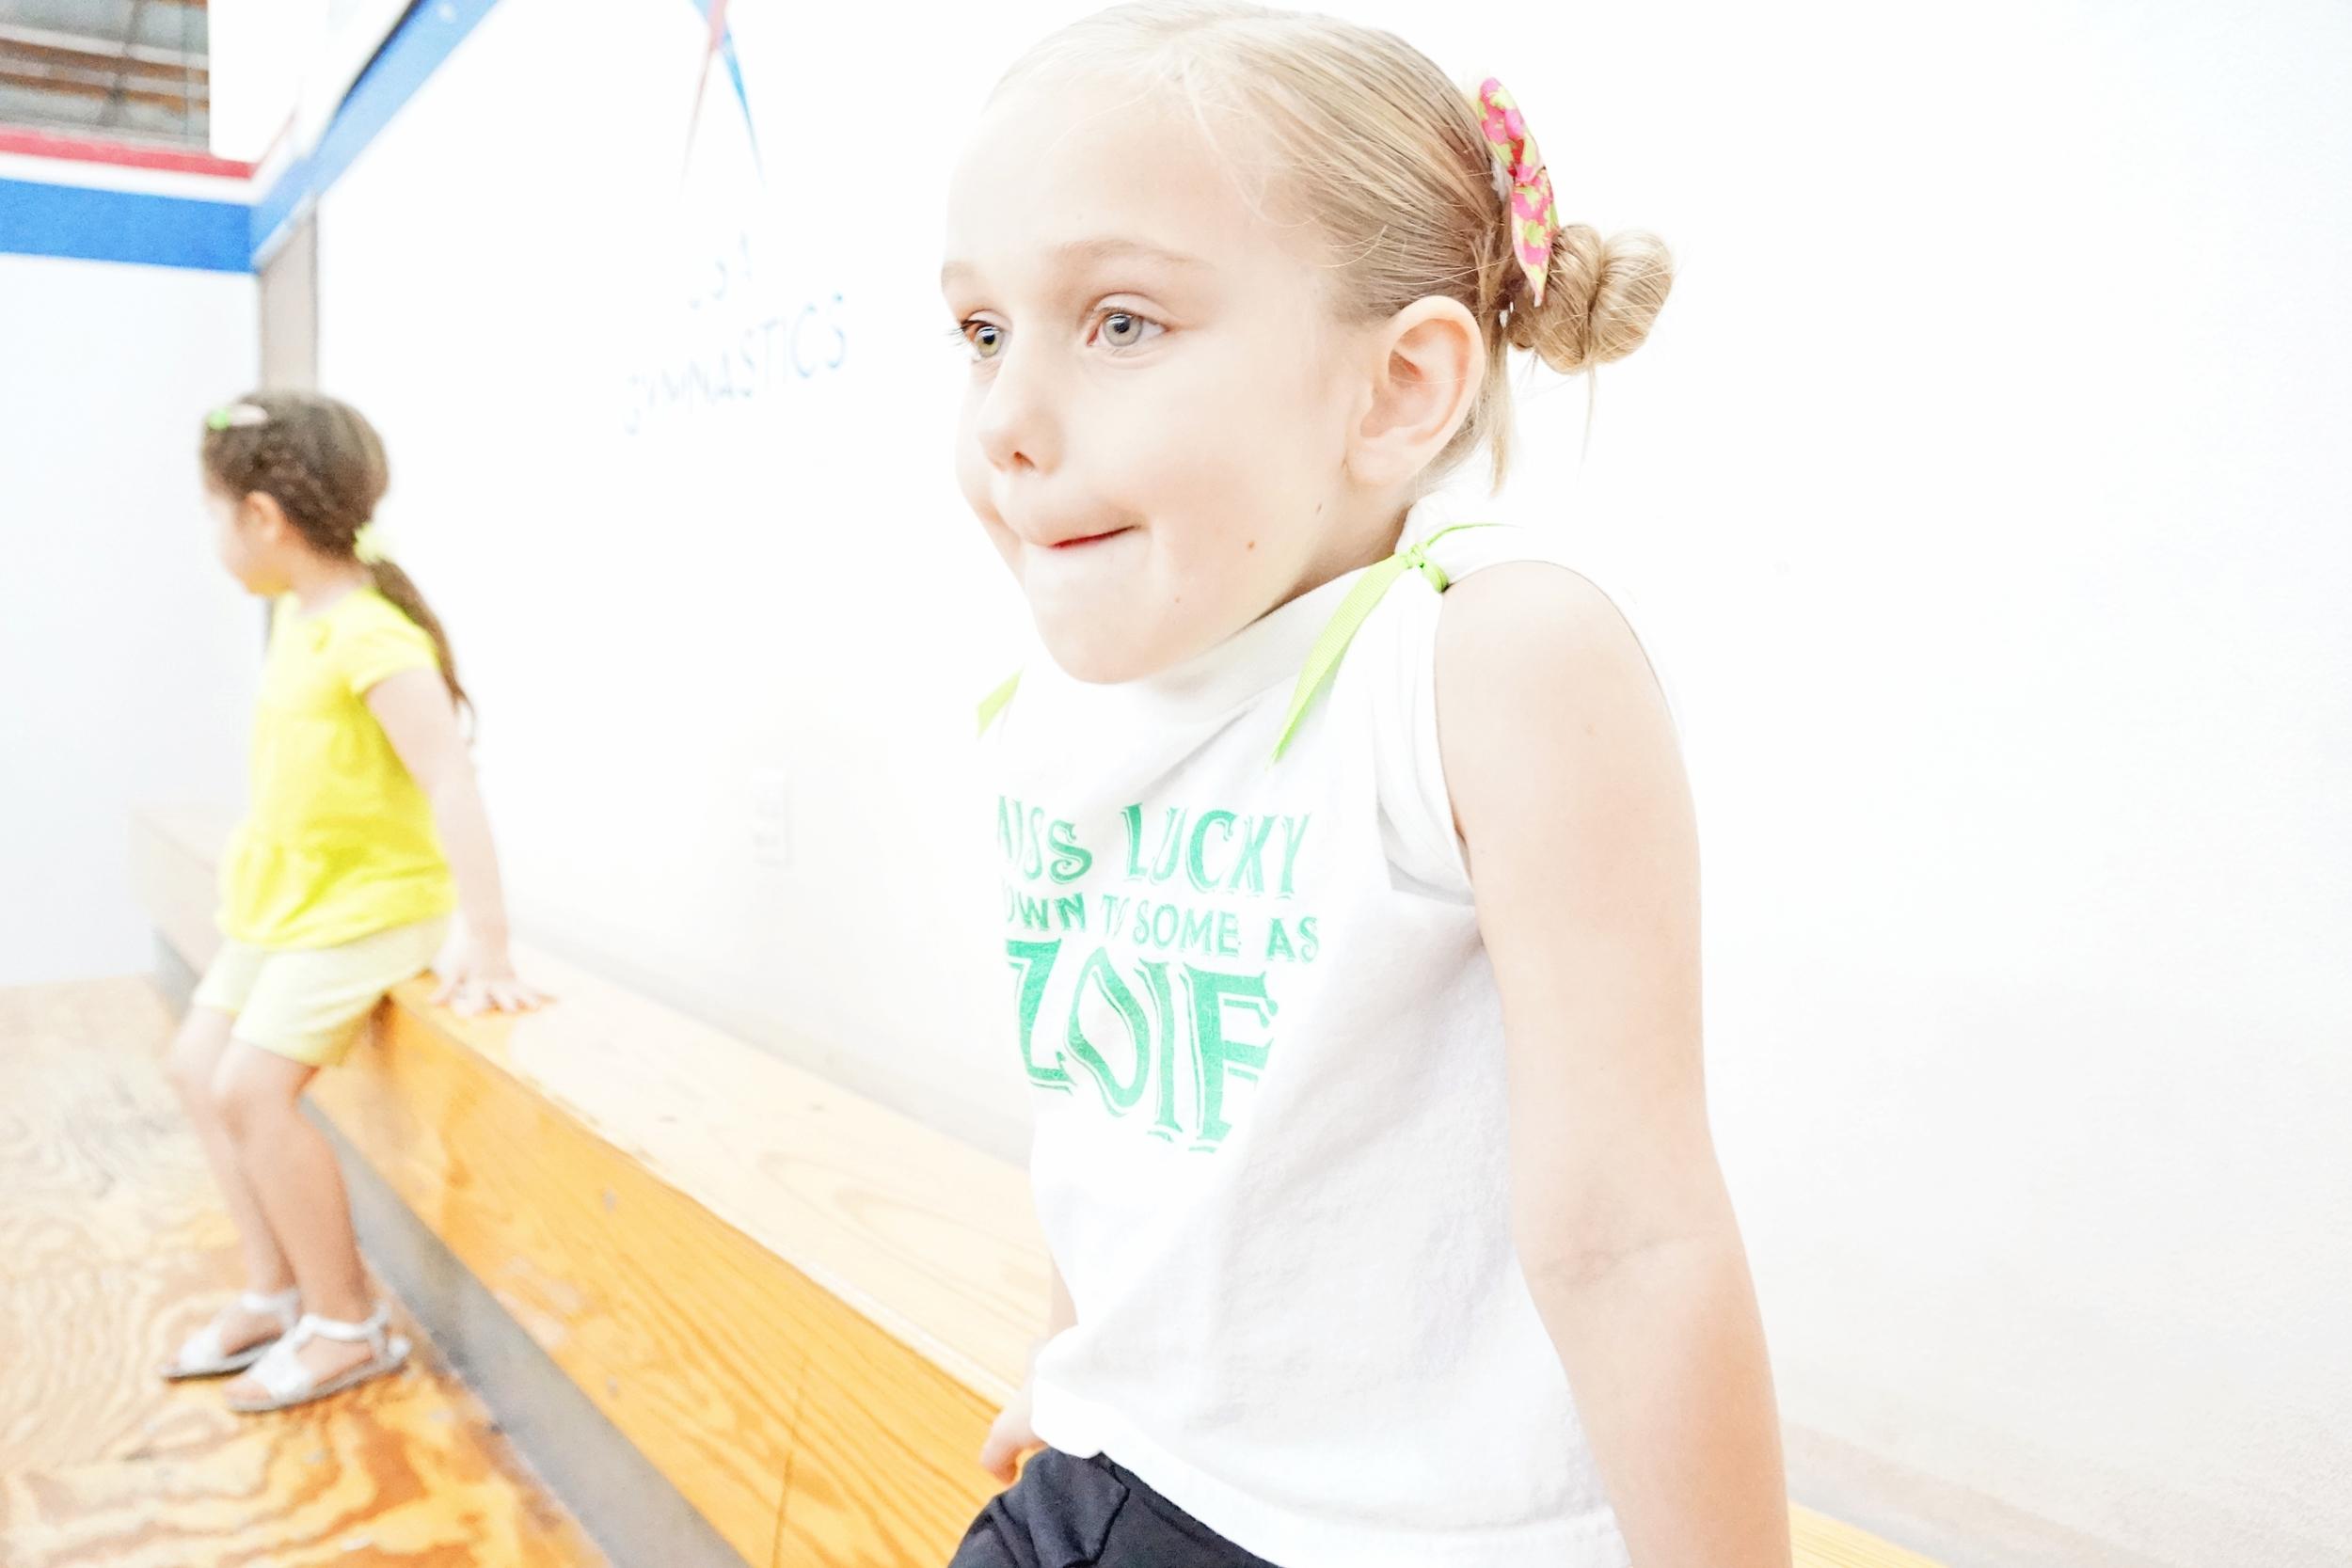 Zoie gymnastics